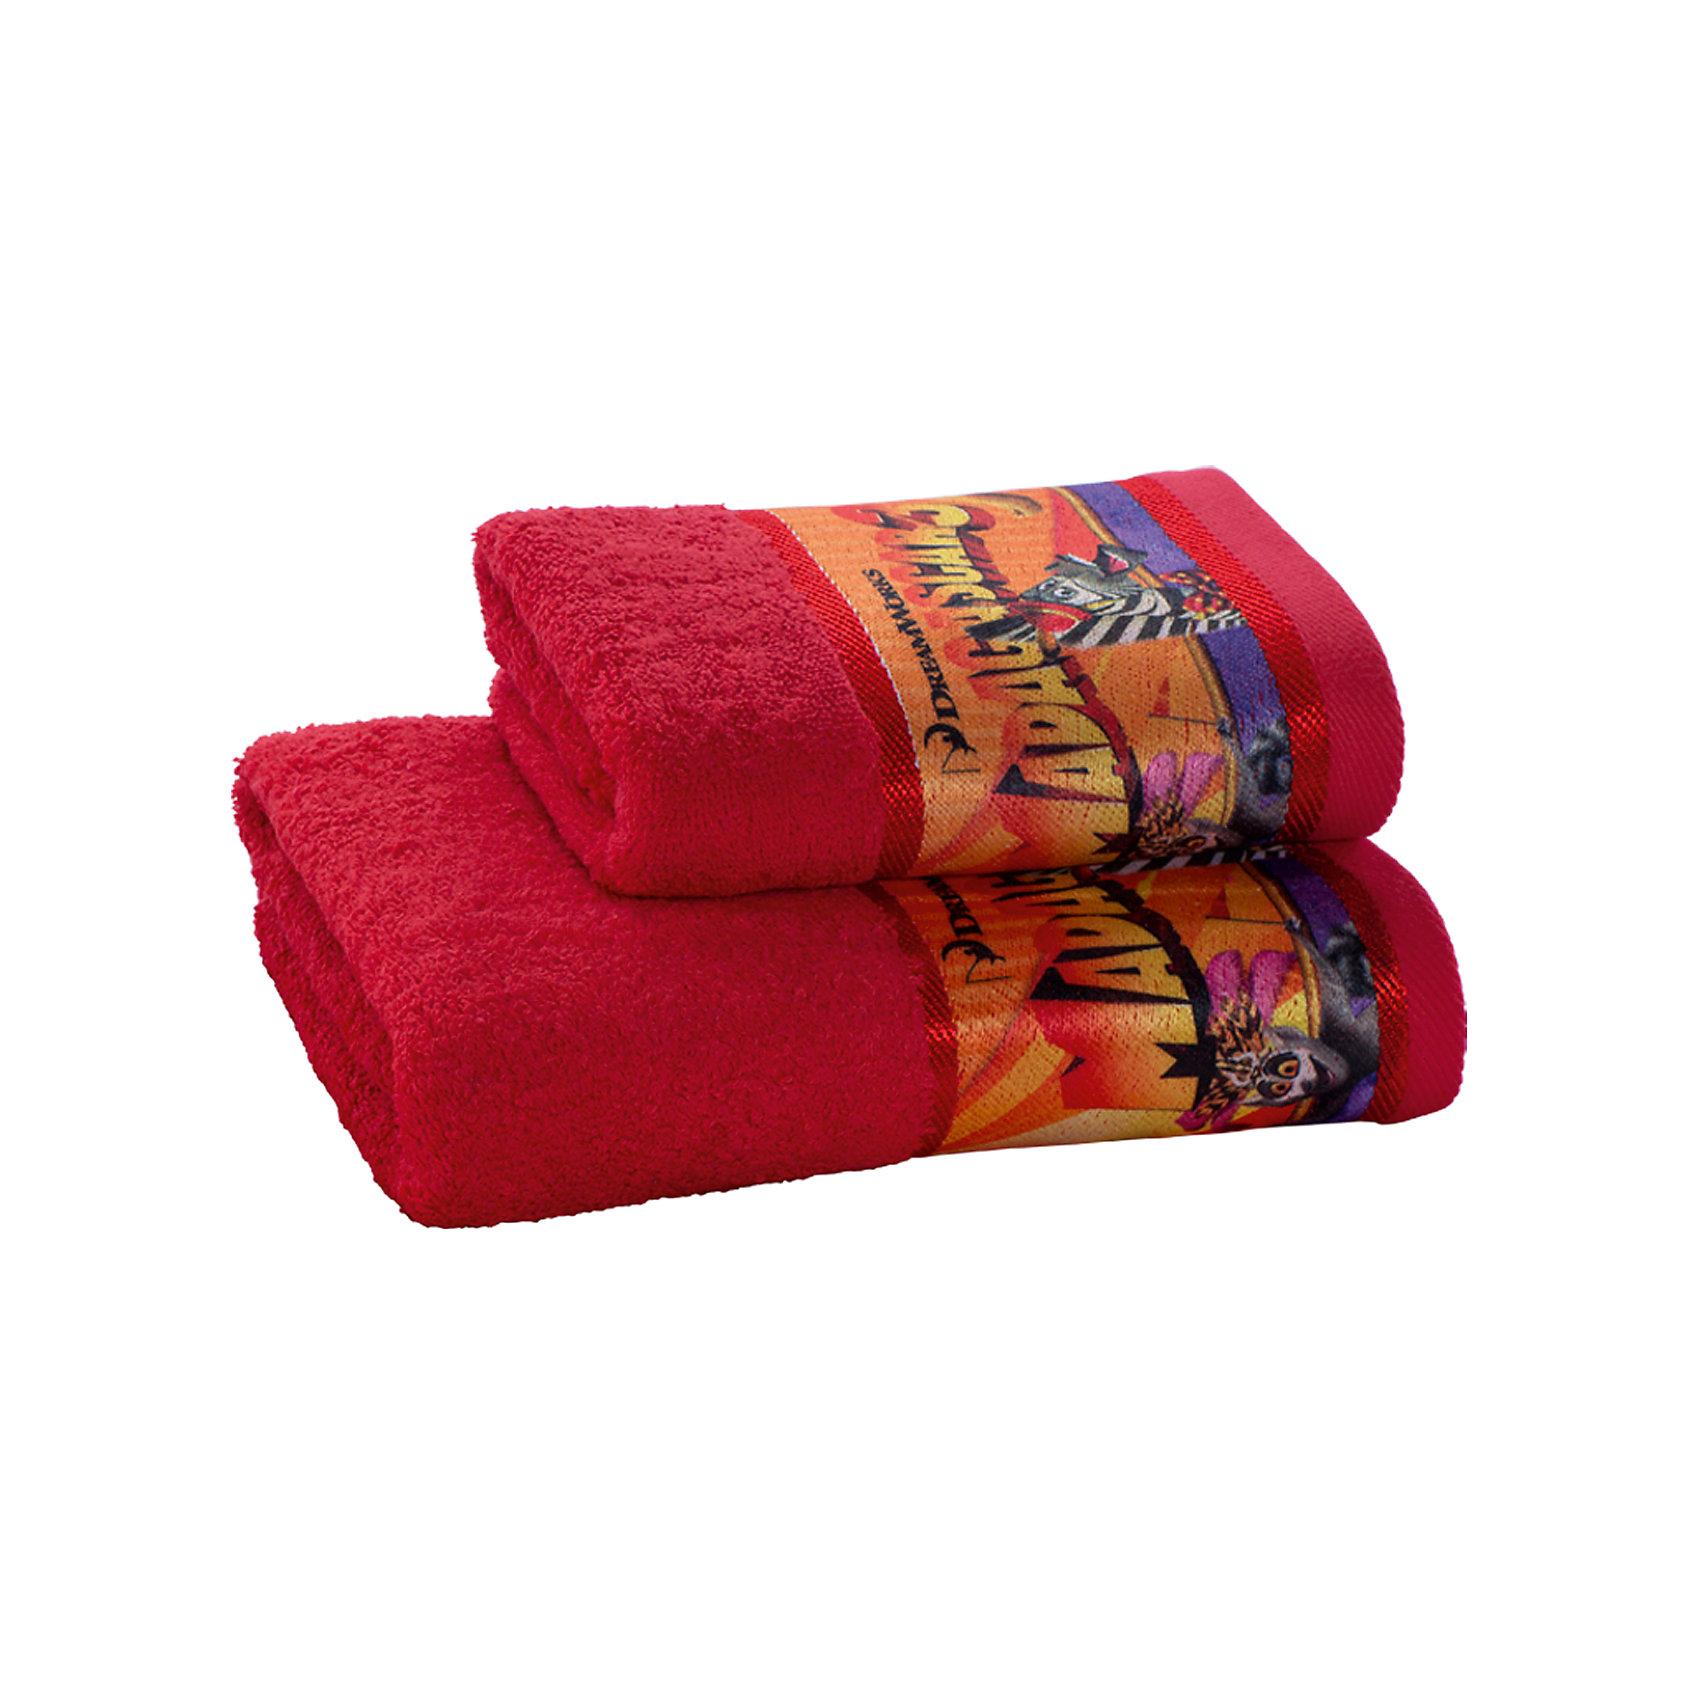 Полотенце махровое Мадагаскар 35*70, Непоседа, красныйВанная комната<br>Махровое полотенце Мадагаскар изготовлено из натурального хлопка. Оно приятно телу, замечательно впитывает влагу и сохраняет цвет в течение долгого времени. Яркий цвет полотенца и полоска с изображением любимых персонажей мультфильма Мадагаскар не оставят вашего ребенка равнодушным!<br><br>Дополнительная информация:<br>Мультфильм: Мадагаскар<br>Материал: 100% хлопок<br>Размер: 35х70 см<br>Цвет: красный<br>Торговая марка: Непоседа<br><br>Махровое полотенце Мадагаскар можно приобрести в нашем интернет-магазине.<br><br>Ширина мм: 500<br>Глубина мм: 500<br>Высота мм: 200<br>Вес г: 100<br>Возраст от месяцев: 0<br>Возраст до месяцев: 144<br>Пол: Унисекс<br>Возраст: Детский<br>SKU: 5010927